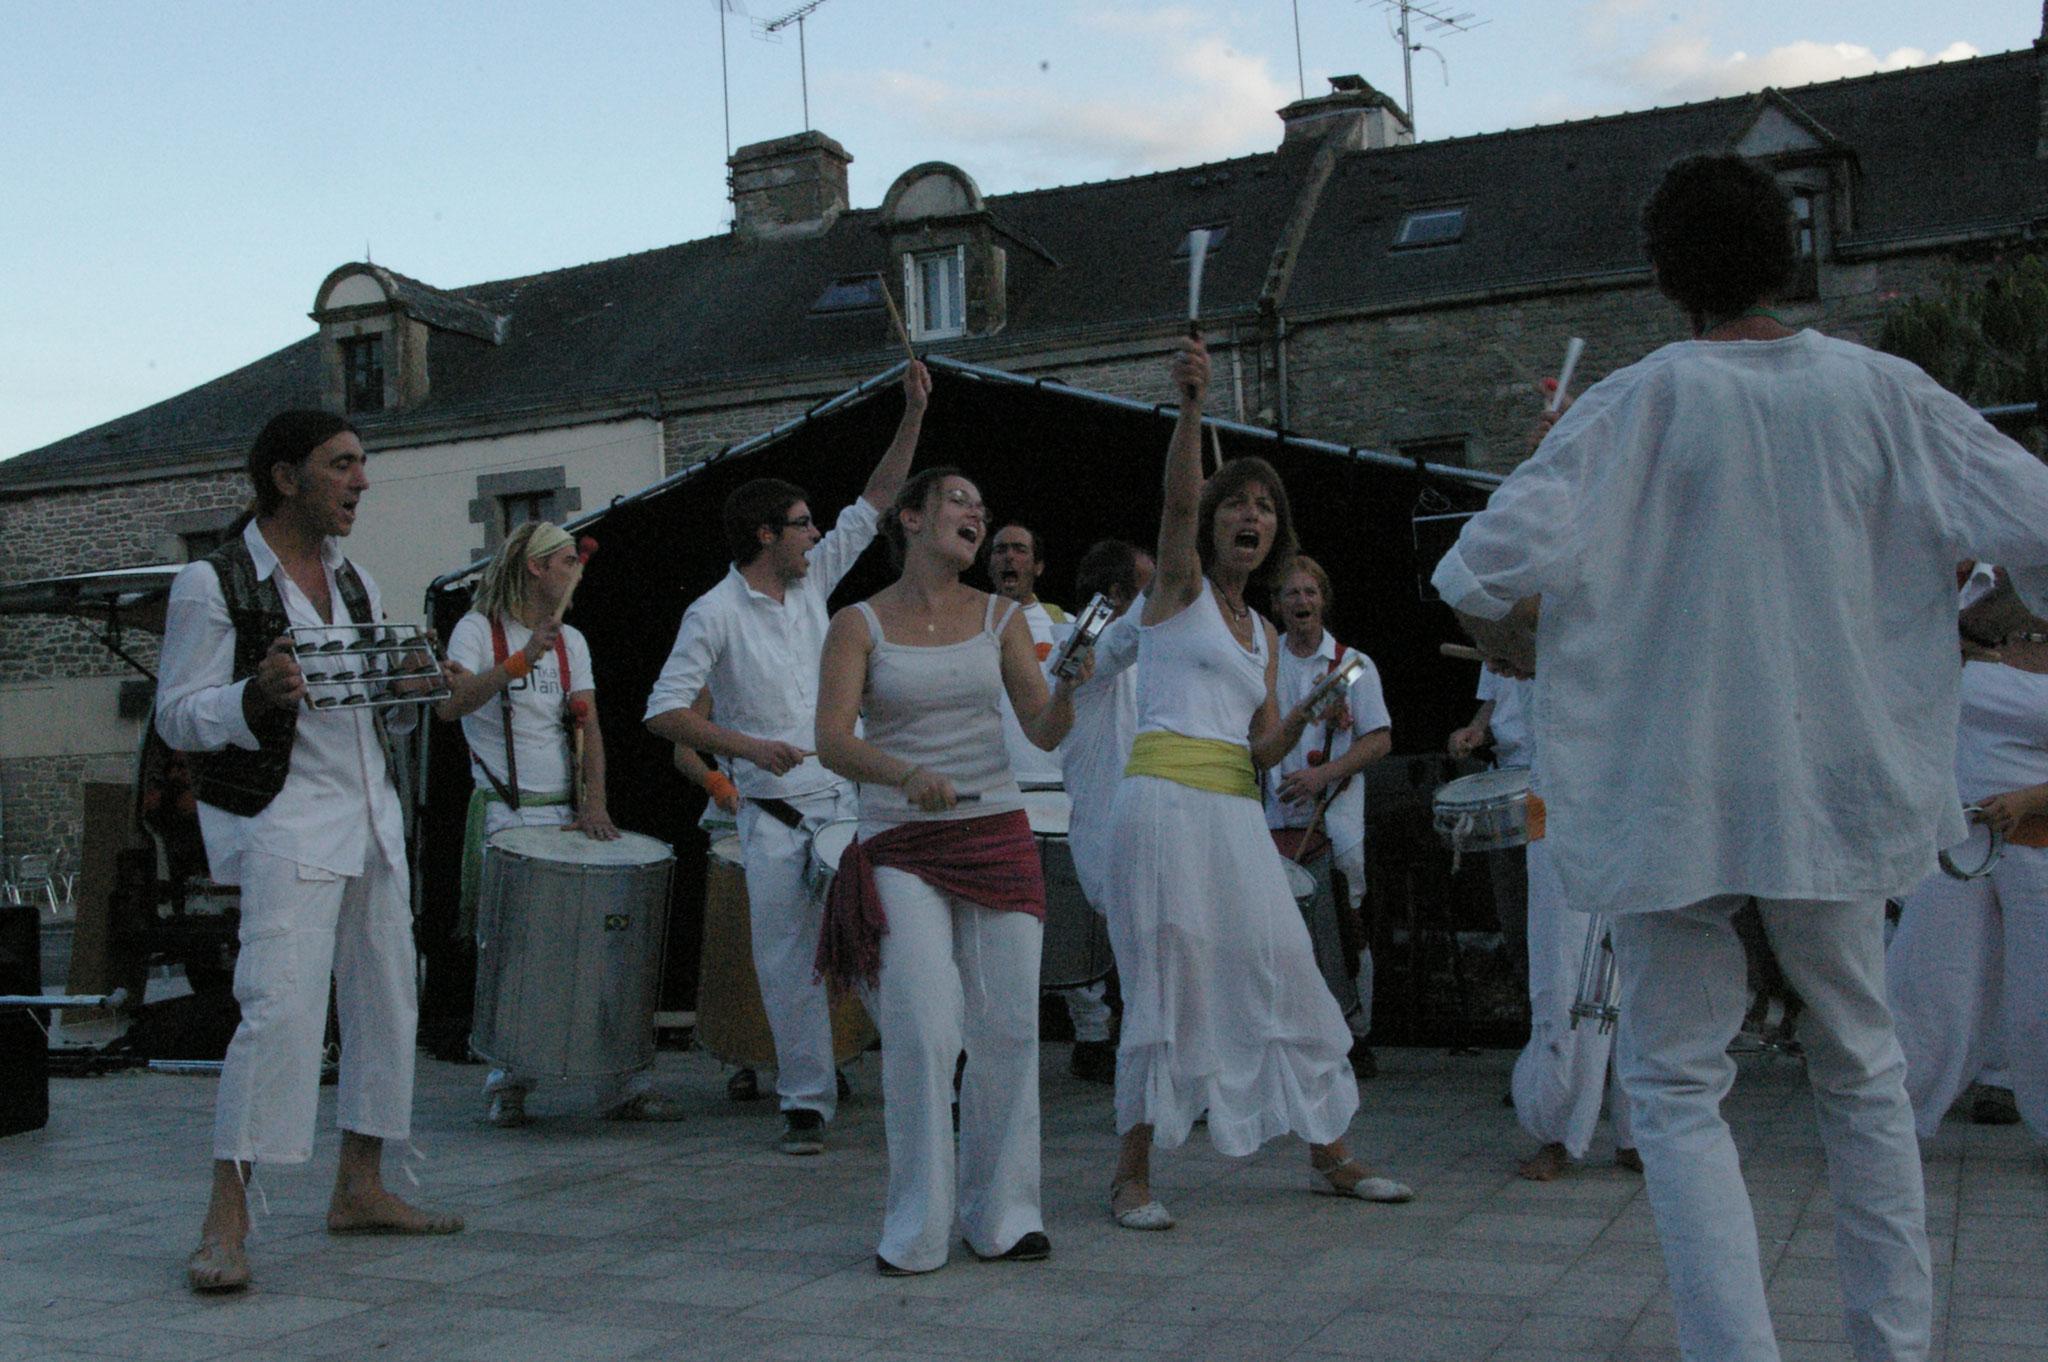 Fête de la musique, Questembert, 2009